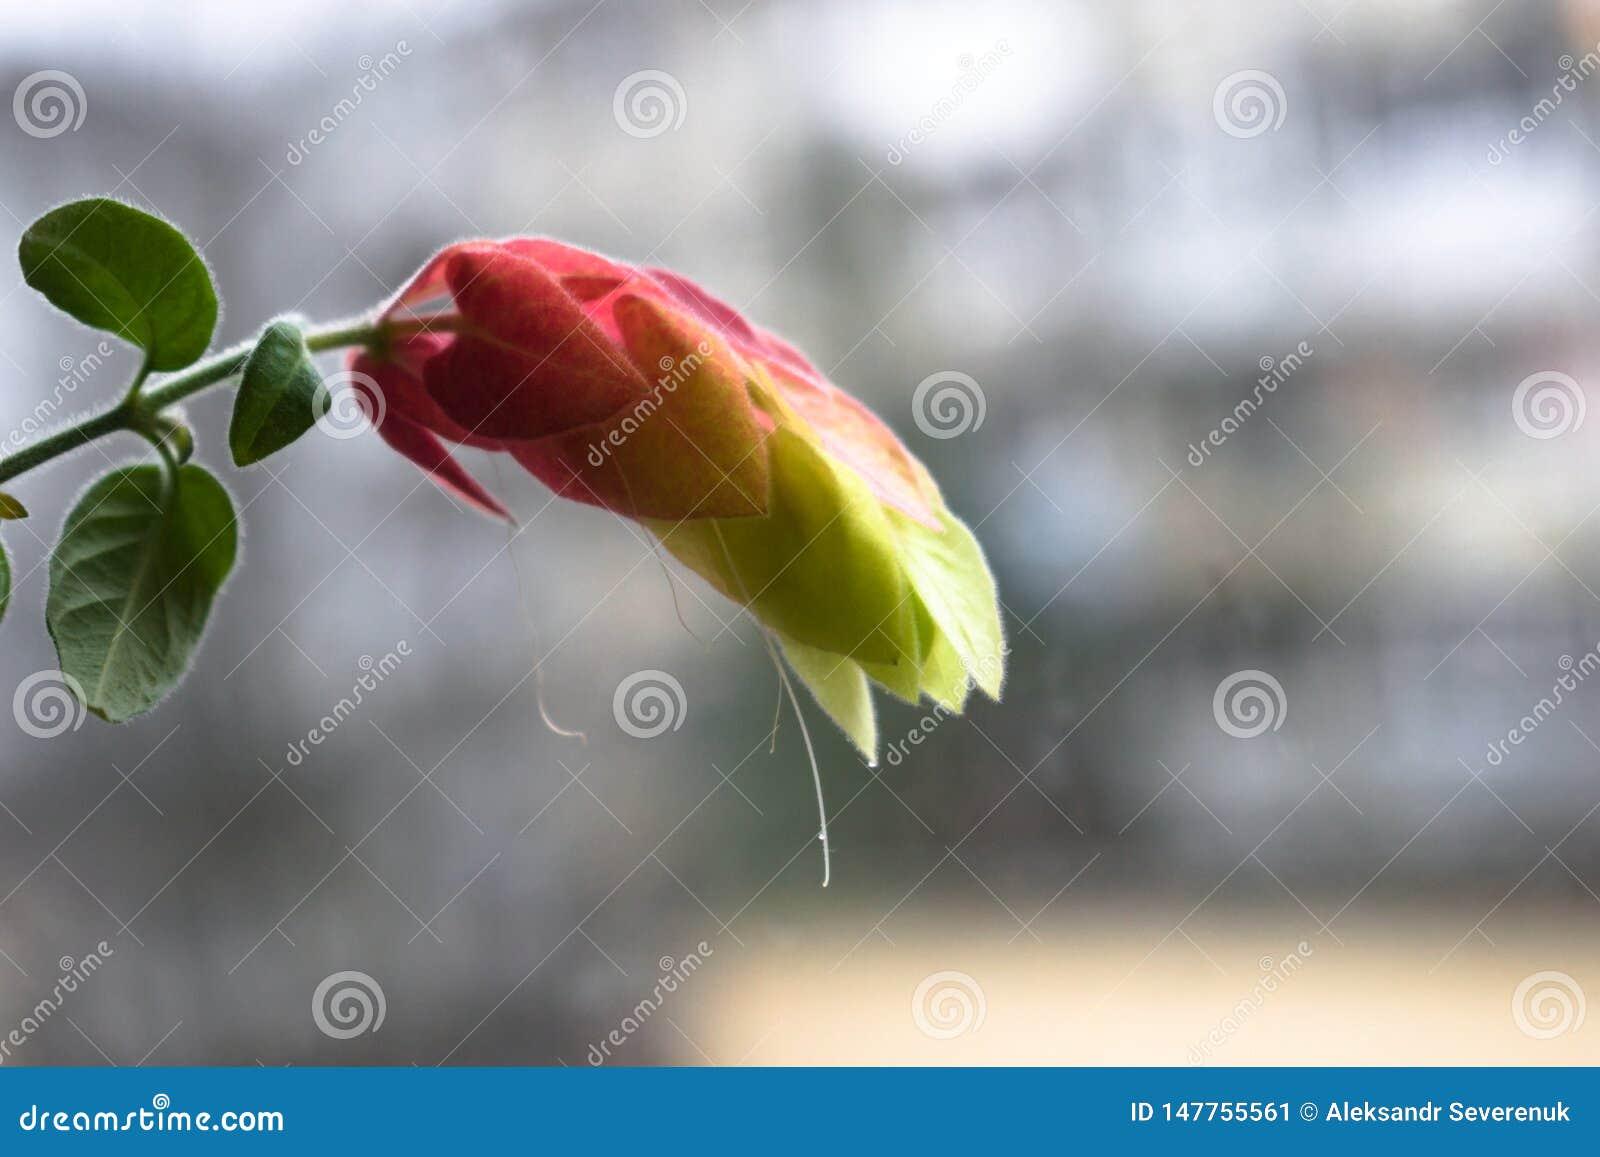 Fiore incredibilmente bello con fondo vago